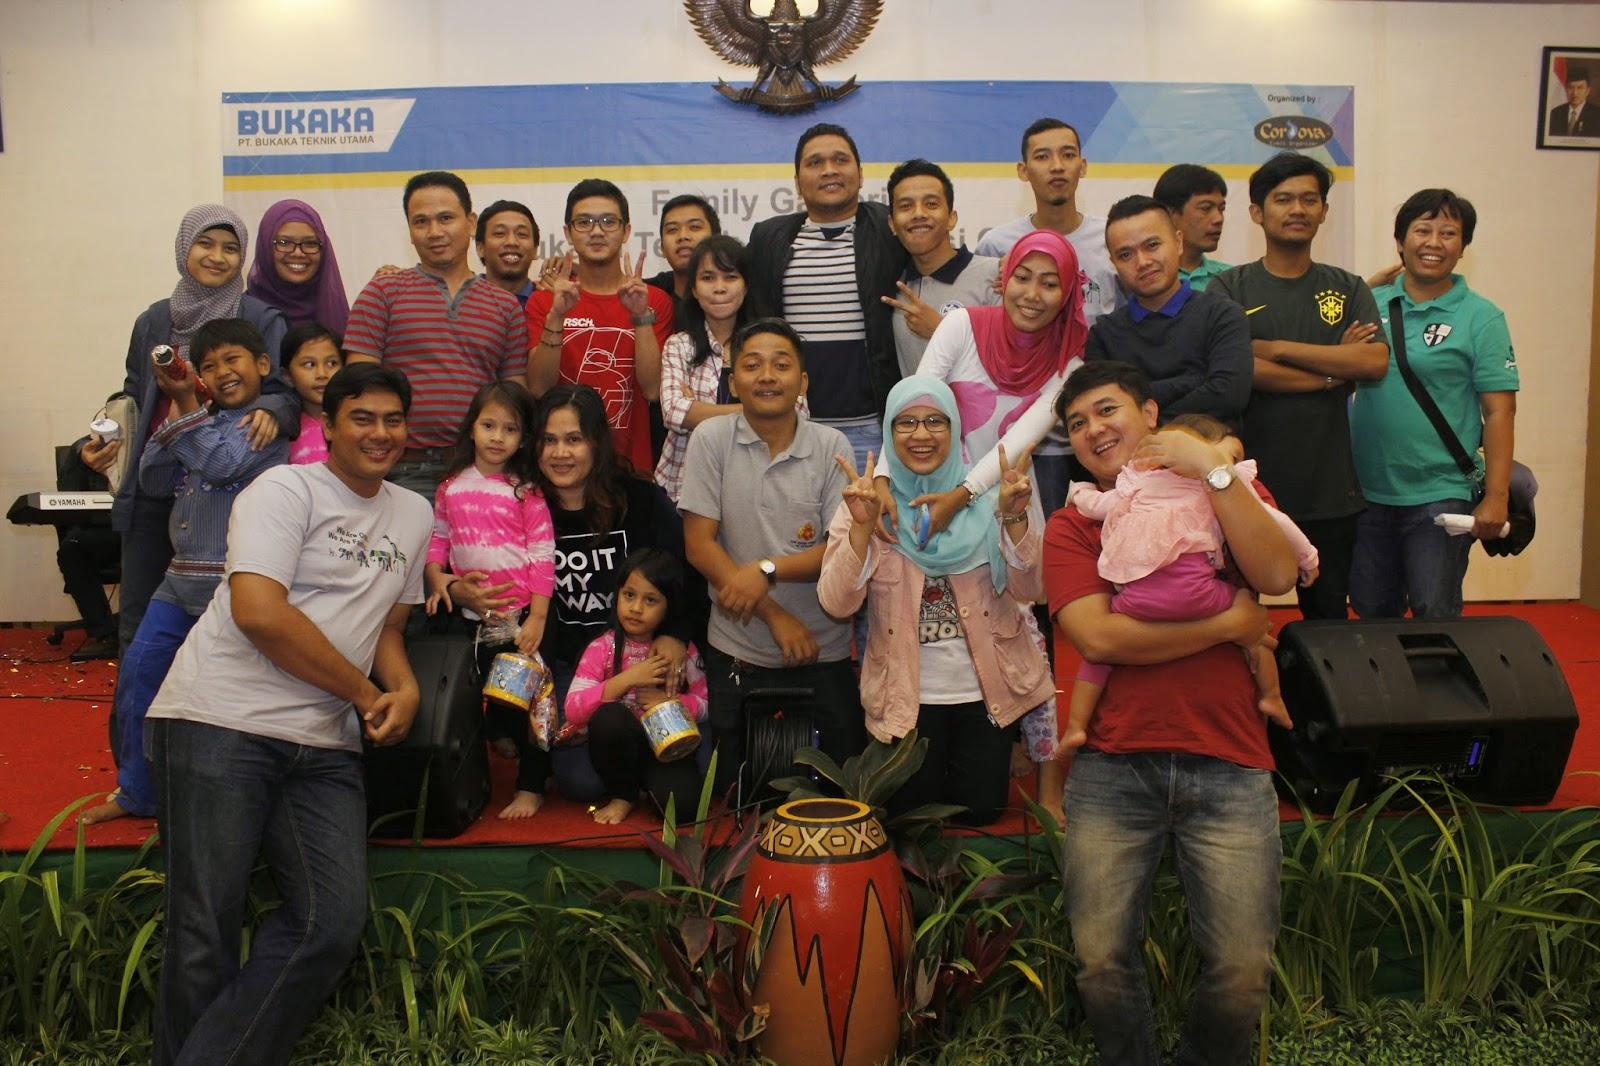 FAMILY GATHERING 2014 PT BUKAKA TEKNIK UTAMA IN PUNCAK